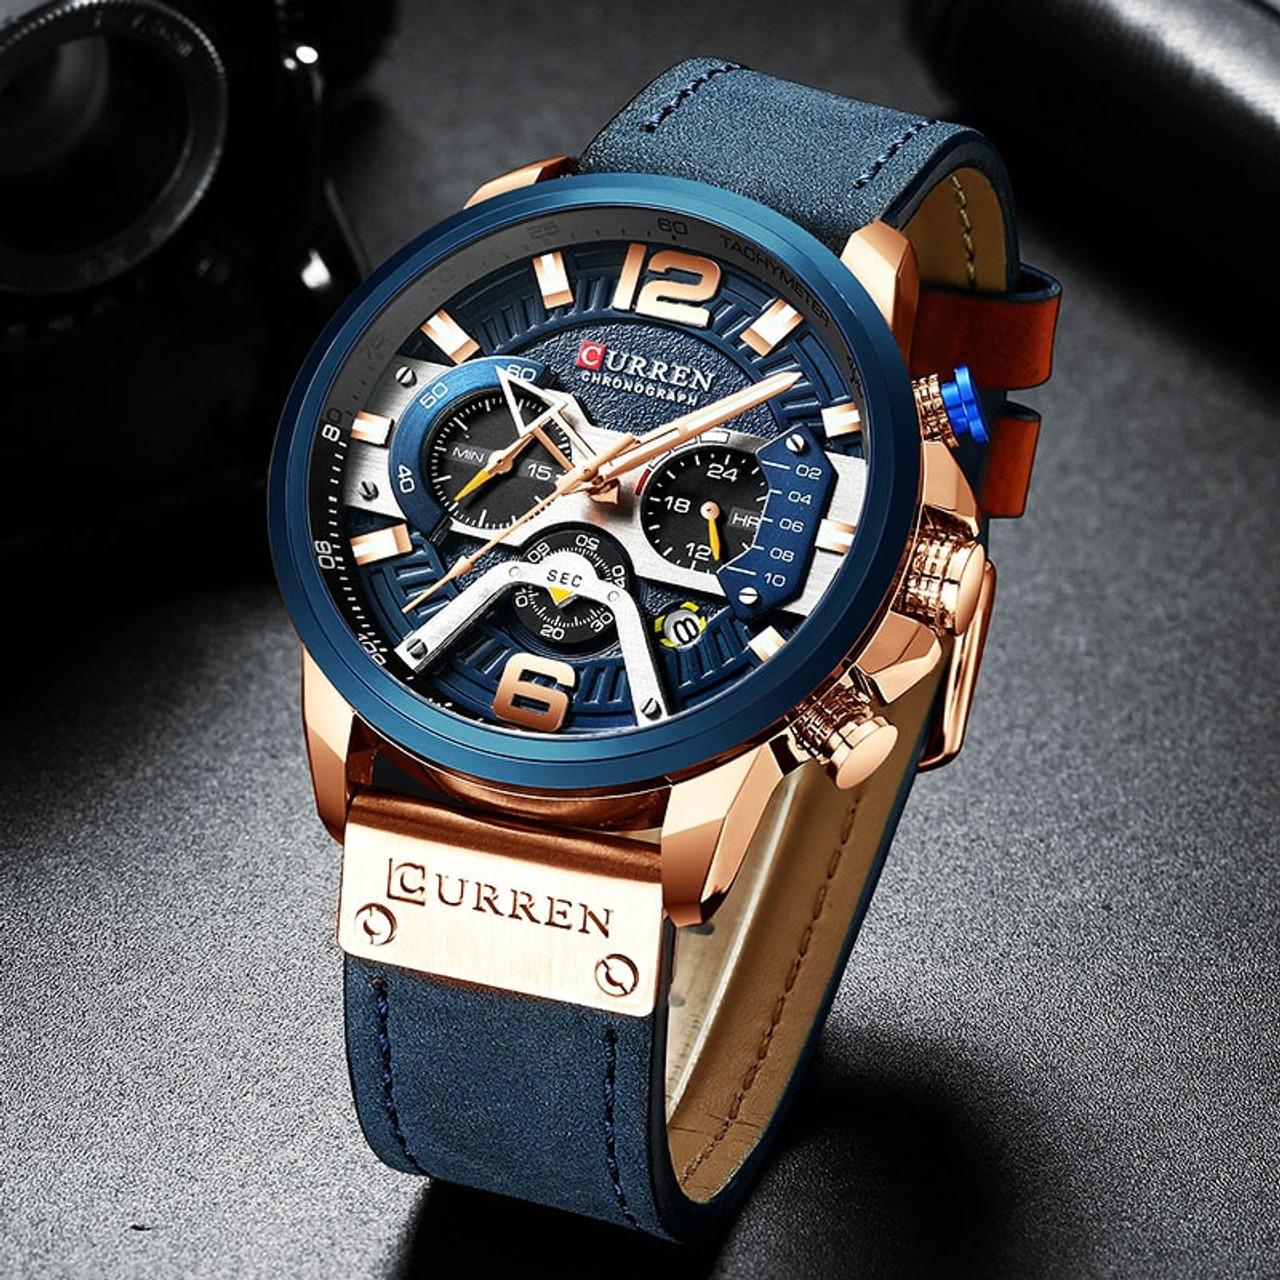 [Resim: Curren-Mens-Watches-Top-Brand-Luxury-Chr...52.jpg?c=2]